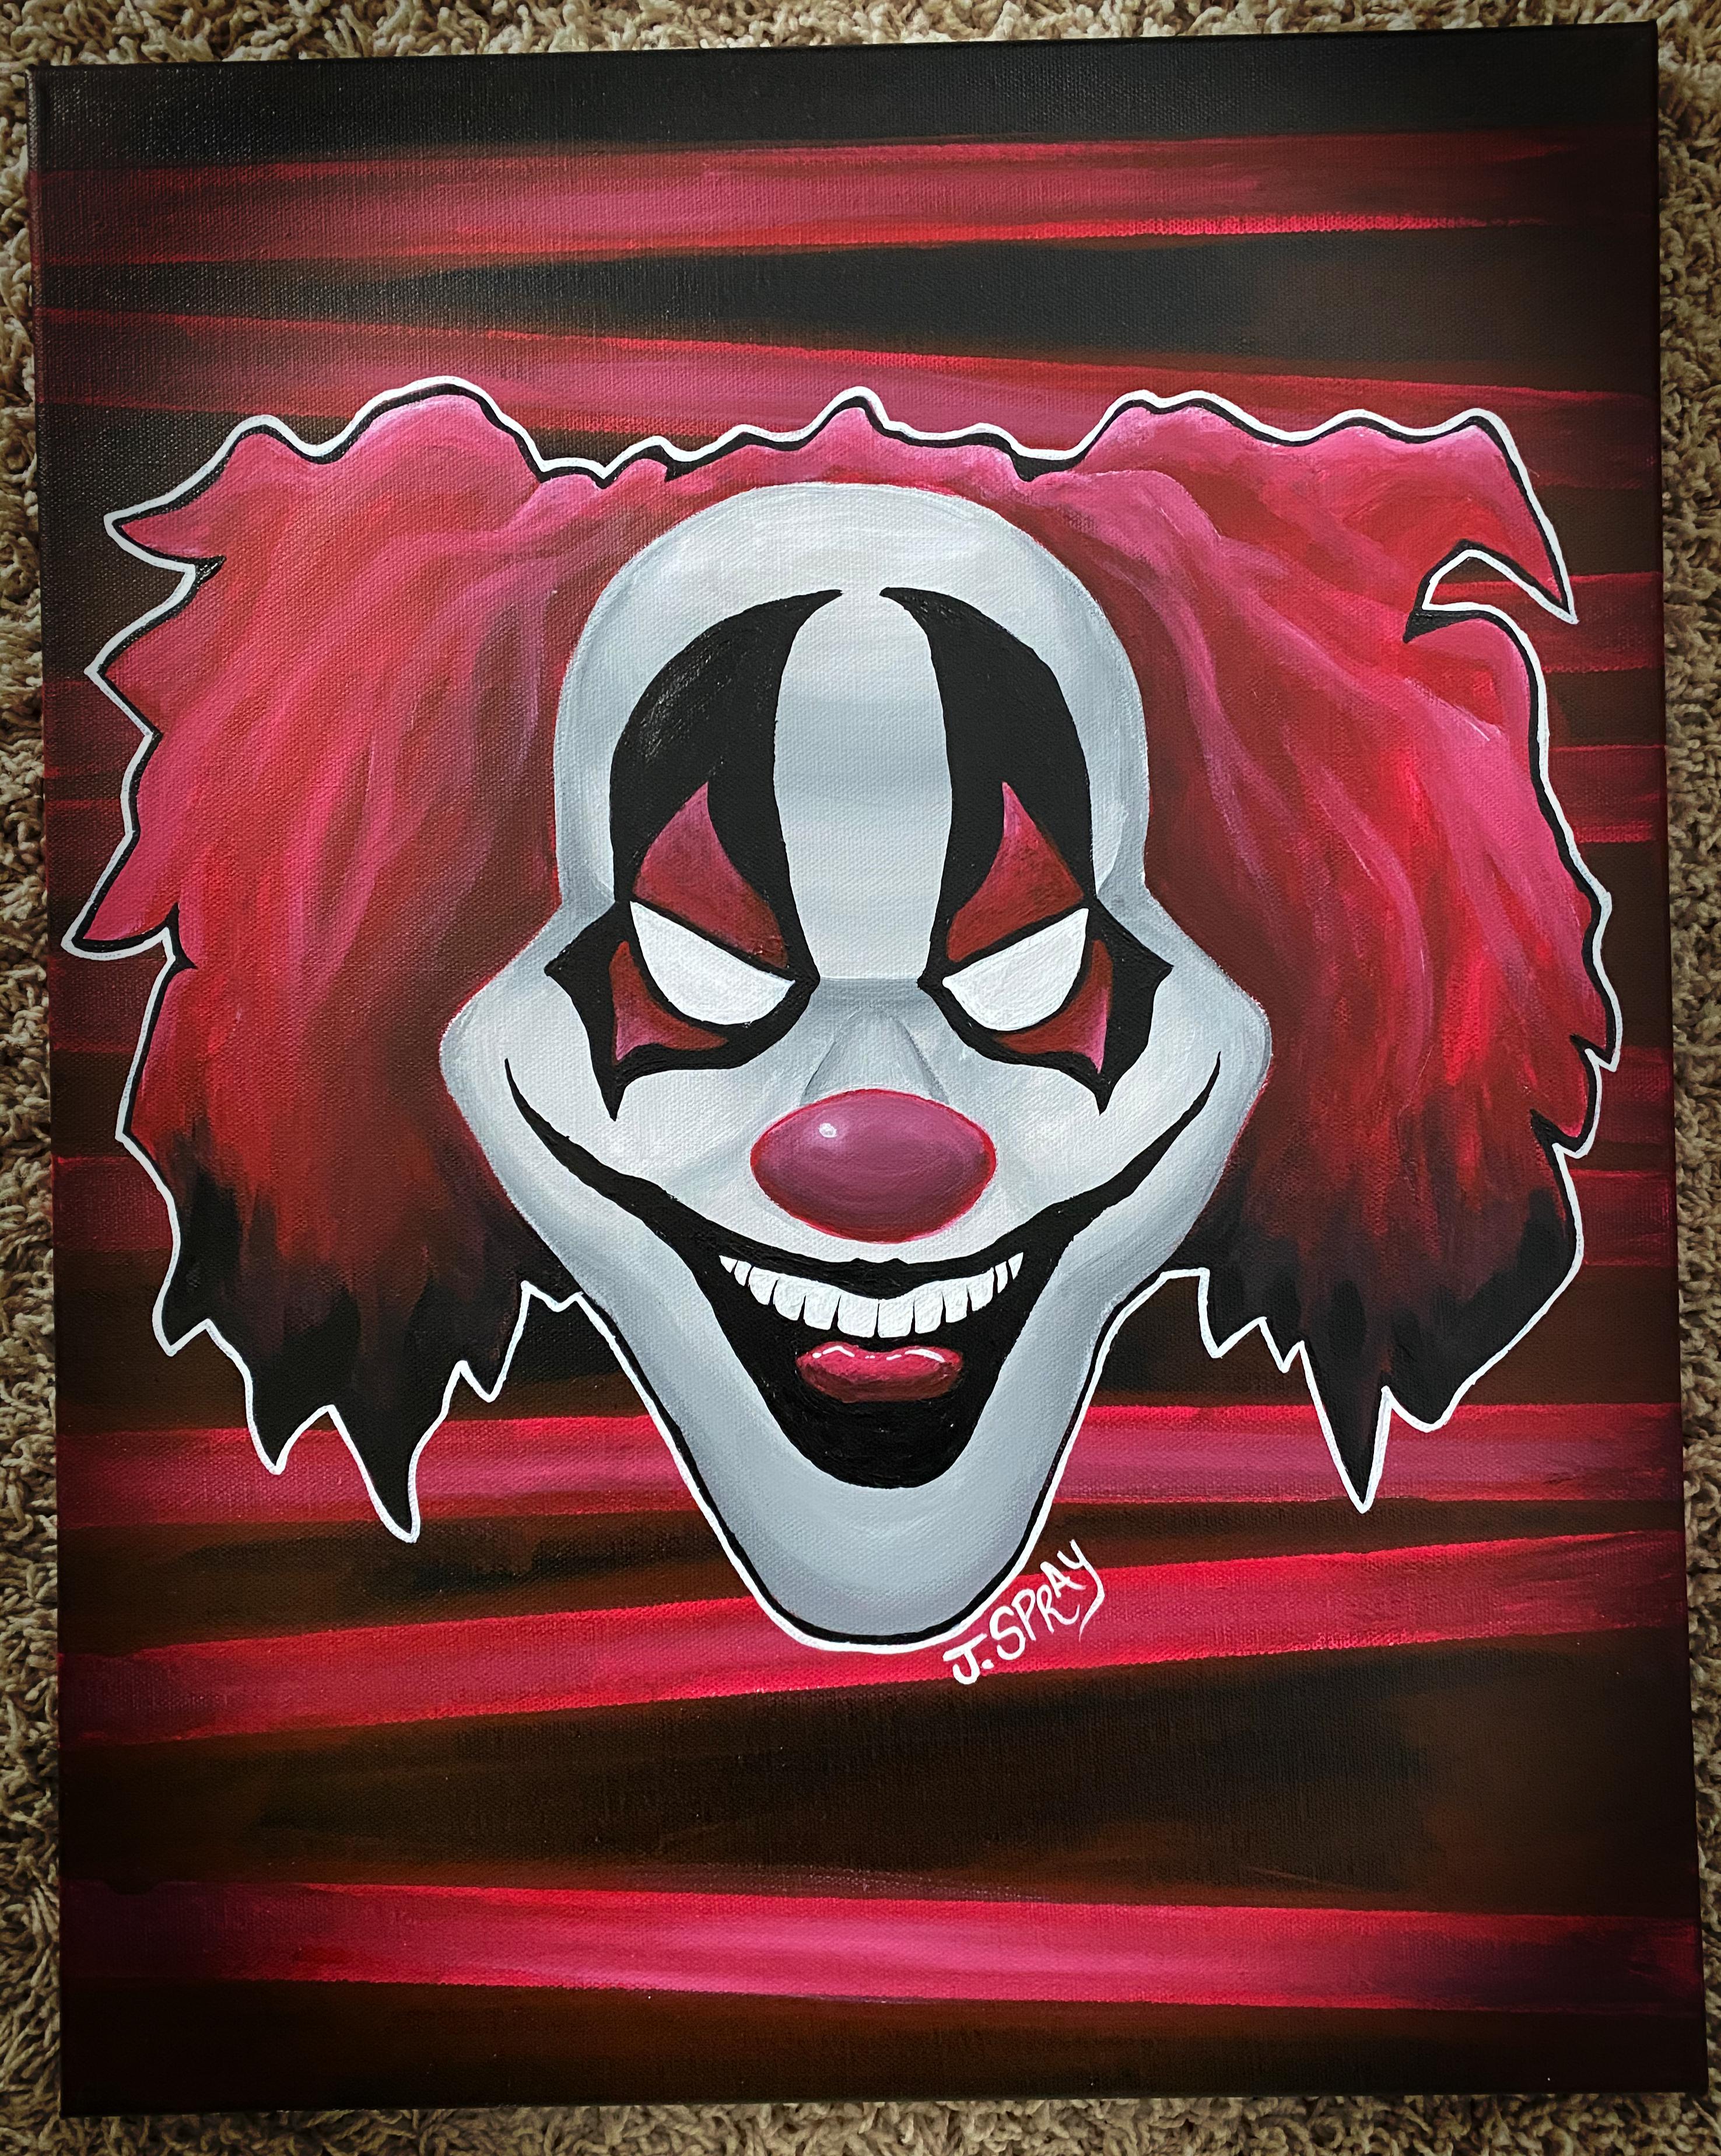 Yuk-Yuk the Clown